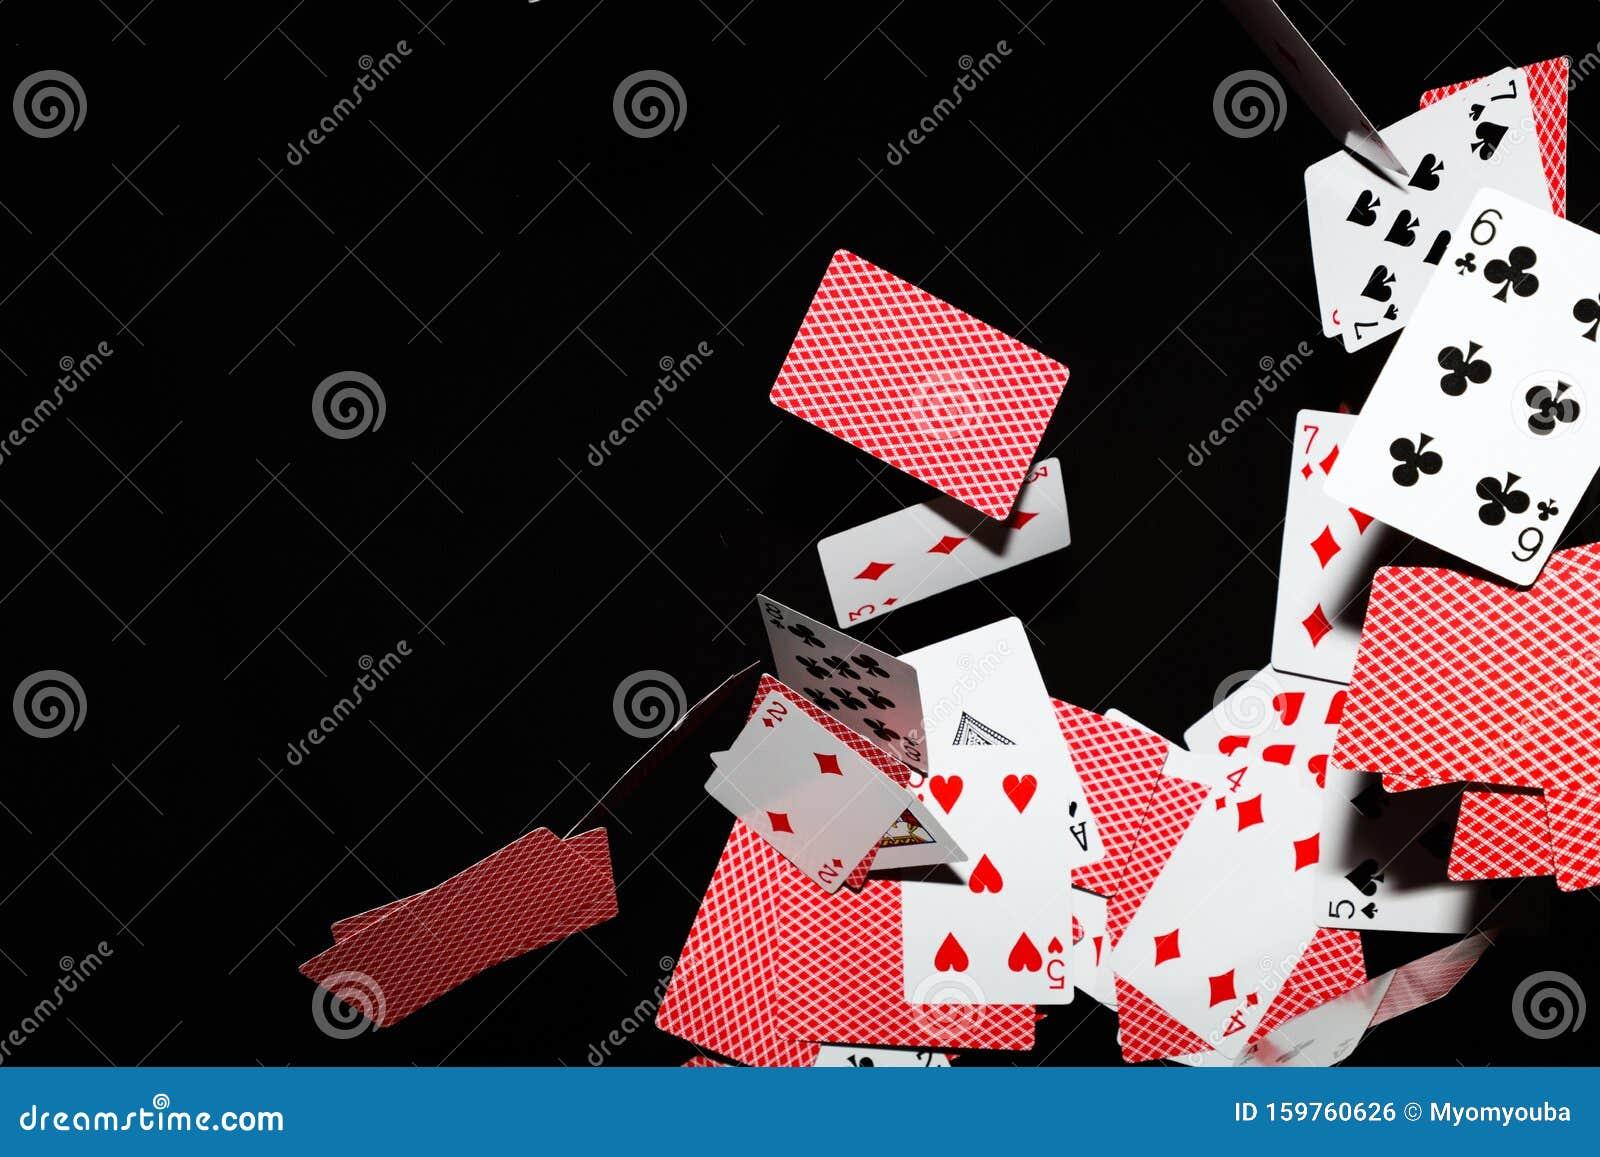 Playing Card With Black Background Poker Blackjack Stock Photo Image Of Gambling Mandalaymyanmar 159760626